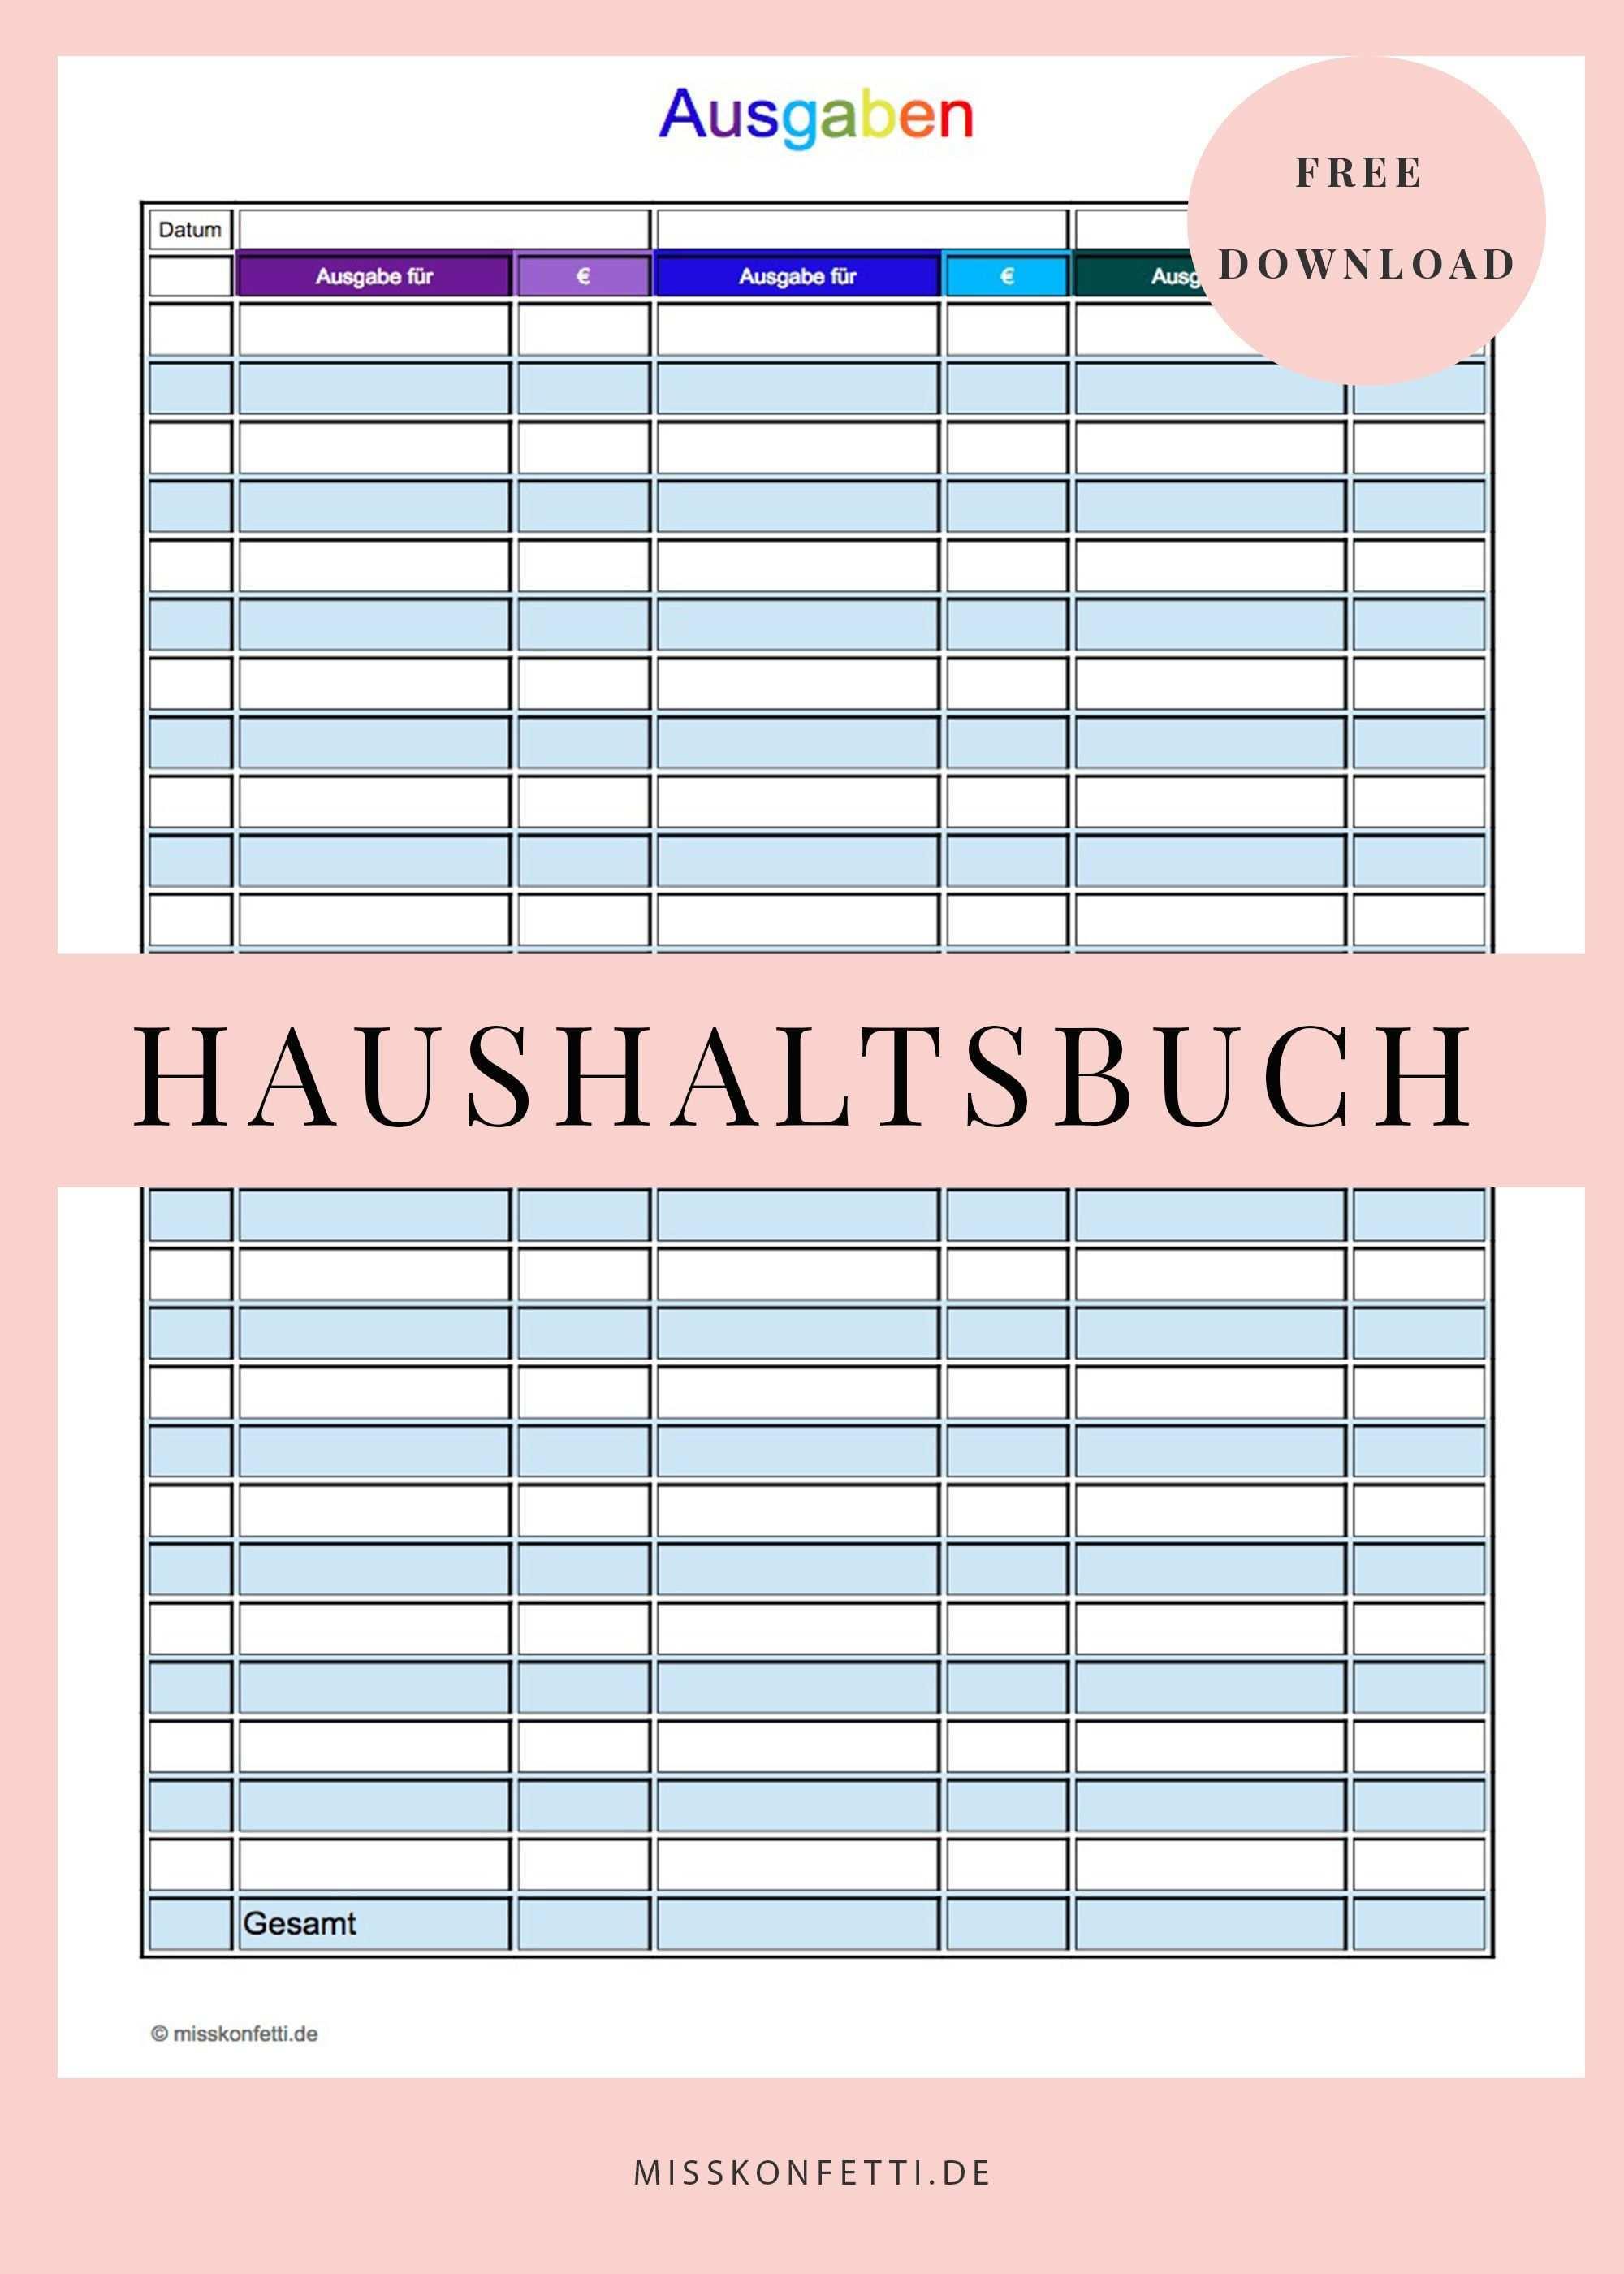 Finanzen Im Griff Mit Dem Haushaltsbuch Miss Konfetti Haushaltsbuch Haushaltsbuch Vorlage Haushaltsbuch Excel Vorlage